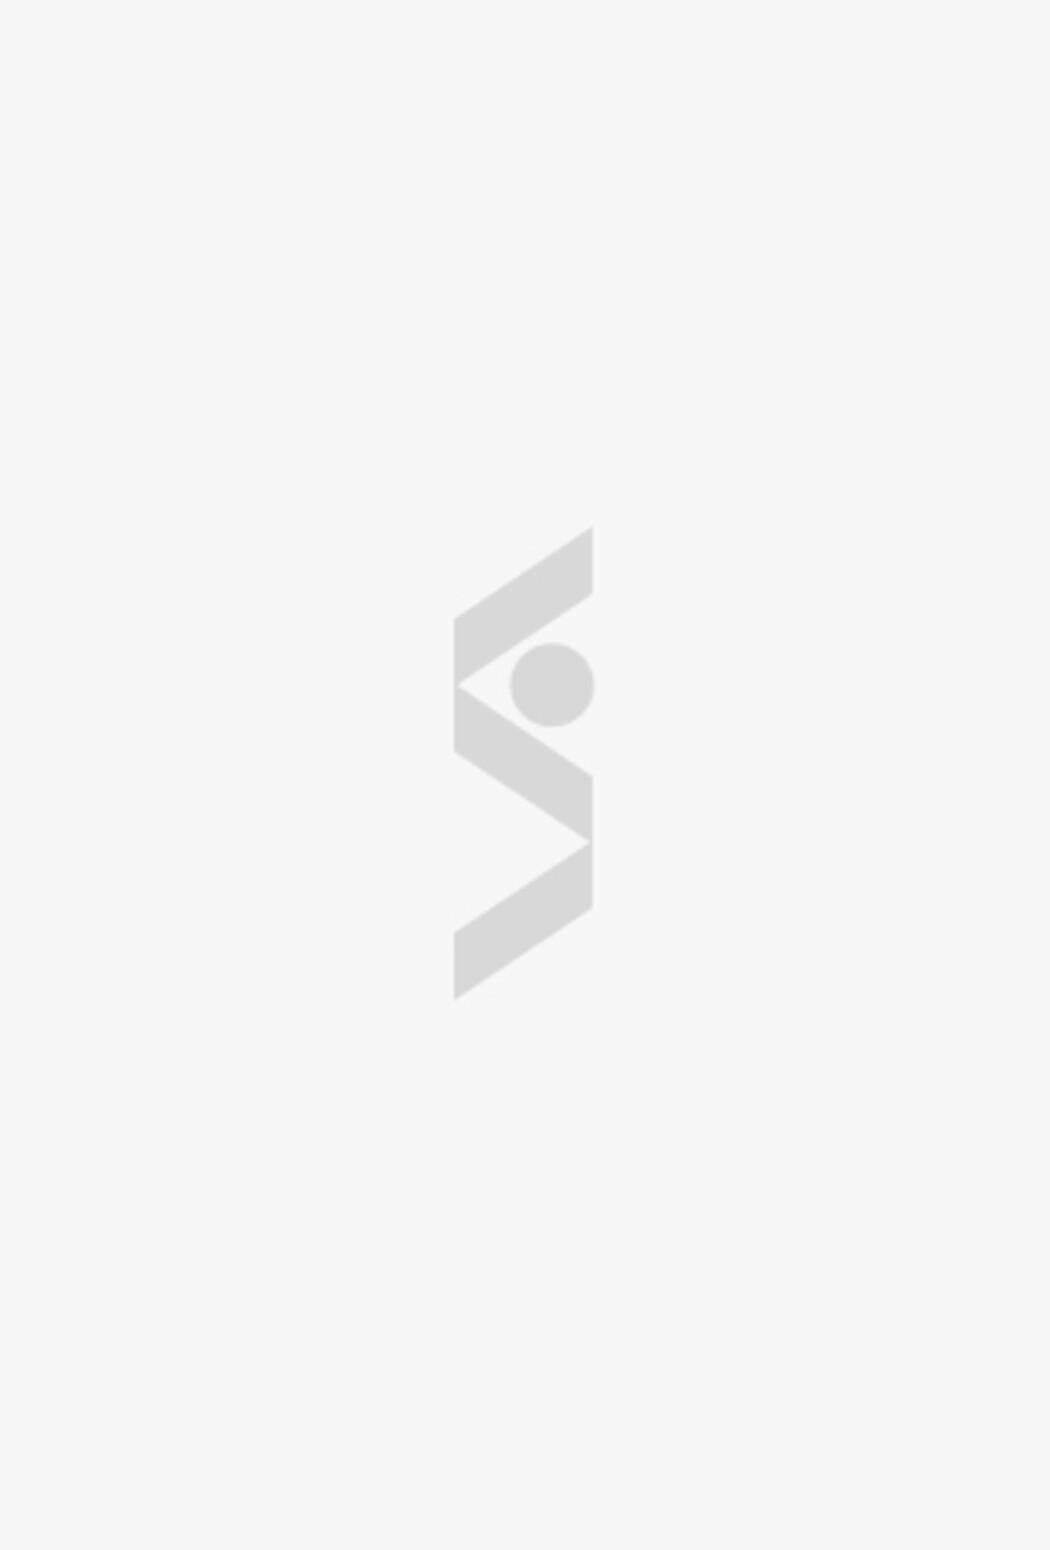 Непромокаемые варежки Reima - цена 1390 ₽ купить в интернет-магазине СТОКМАНН в Санкт-Петербурге